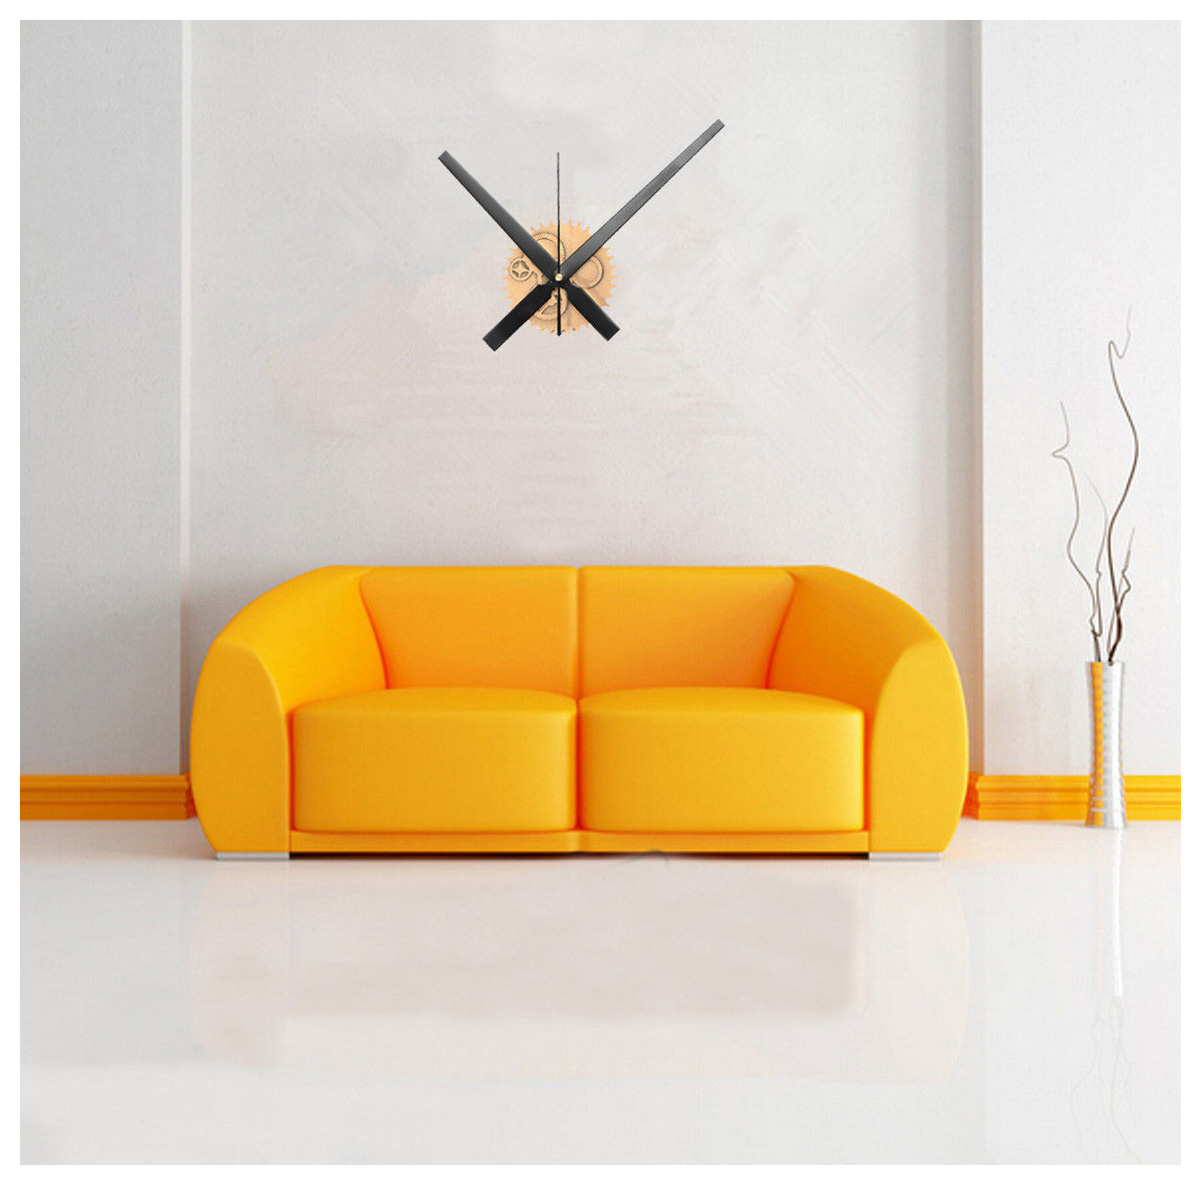 vintage diy mechanismus grosse wanduhr haus wohnzimmer dekoration kunst des f4p6 ebay. Black Bedroom Furniture Sets. Home Design Ideas